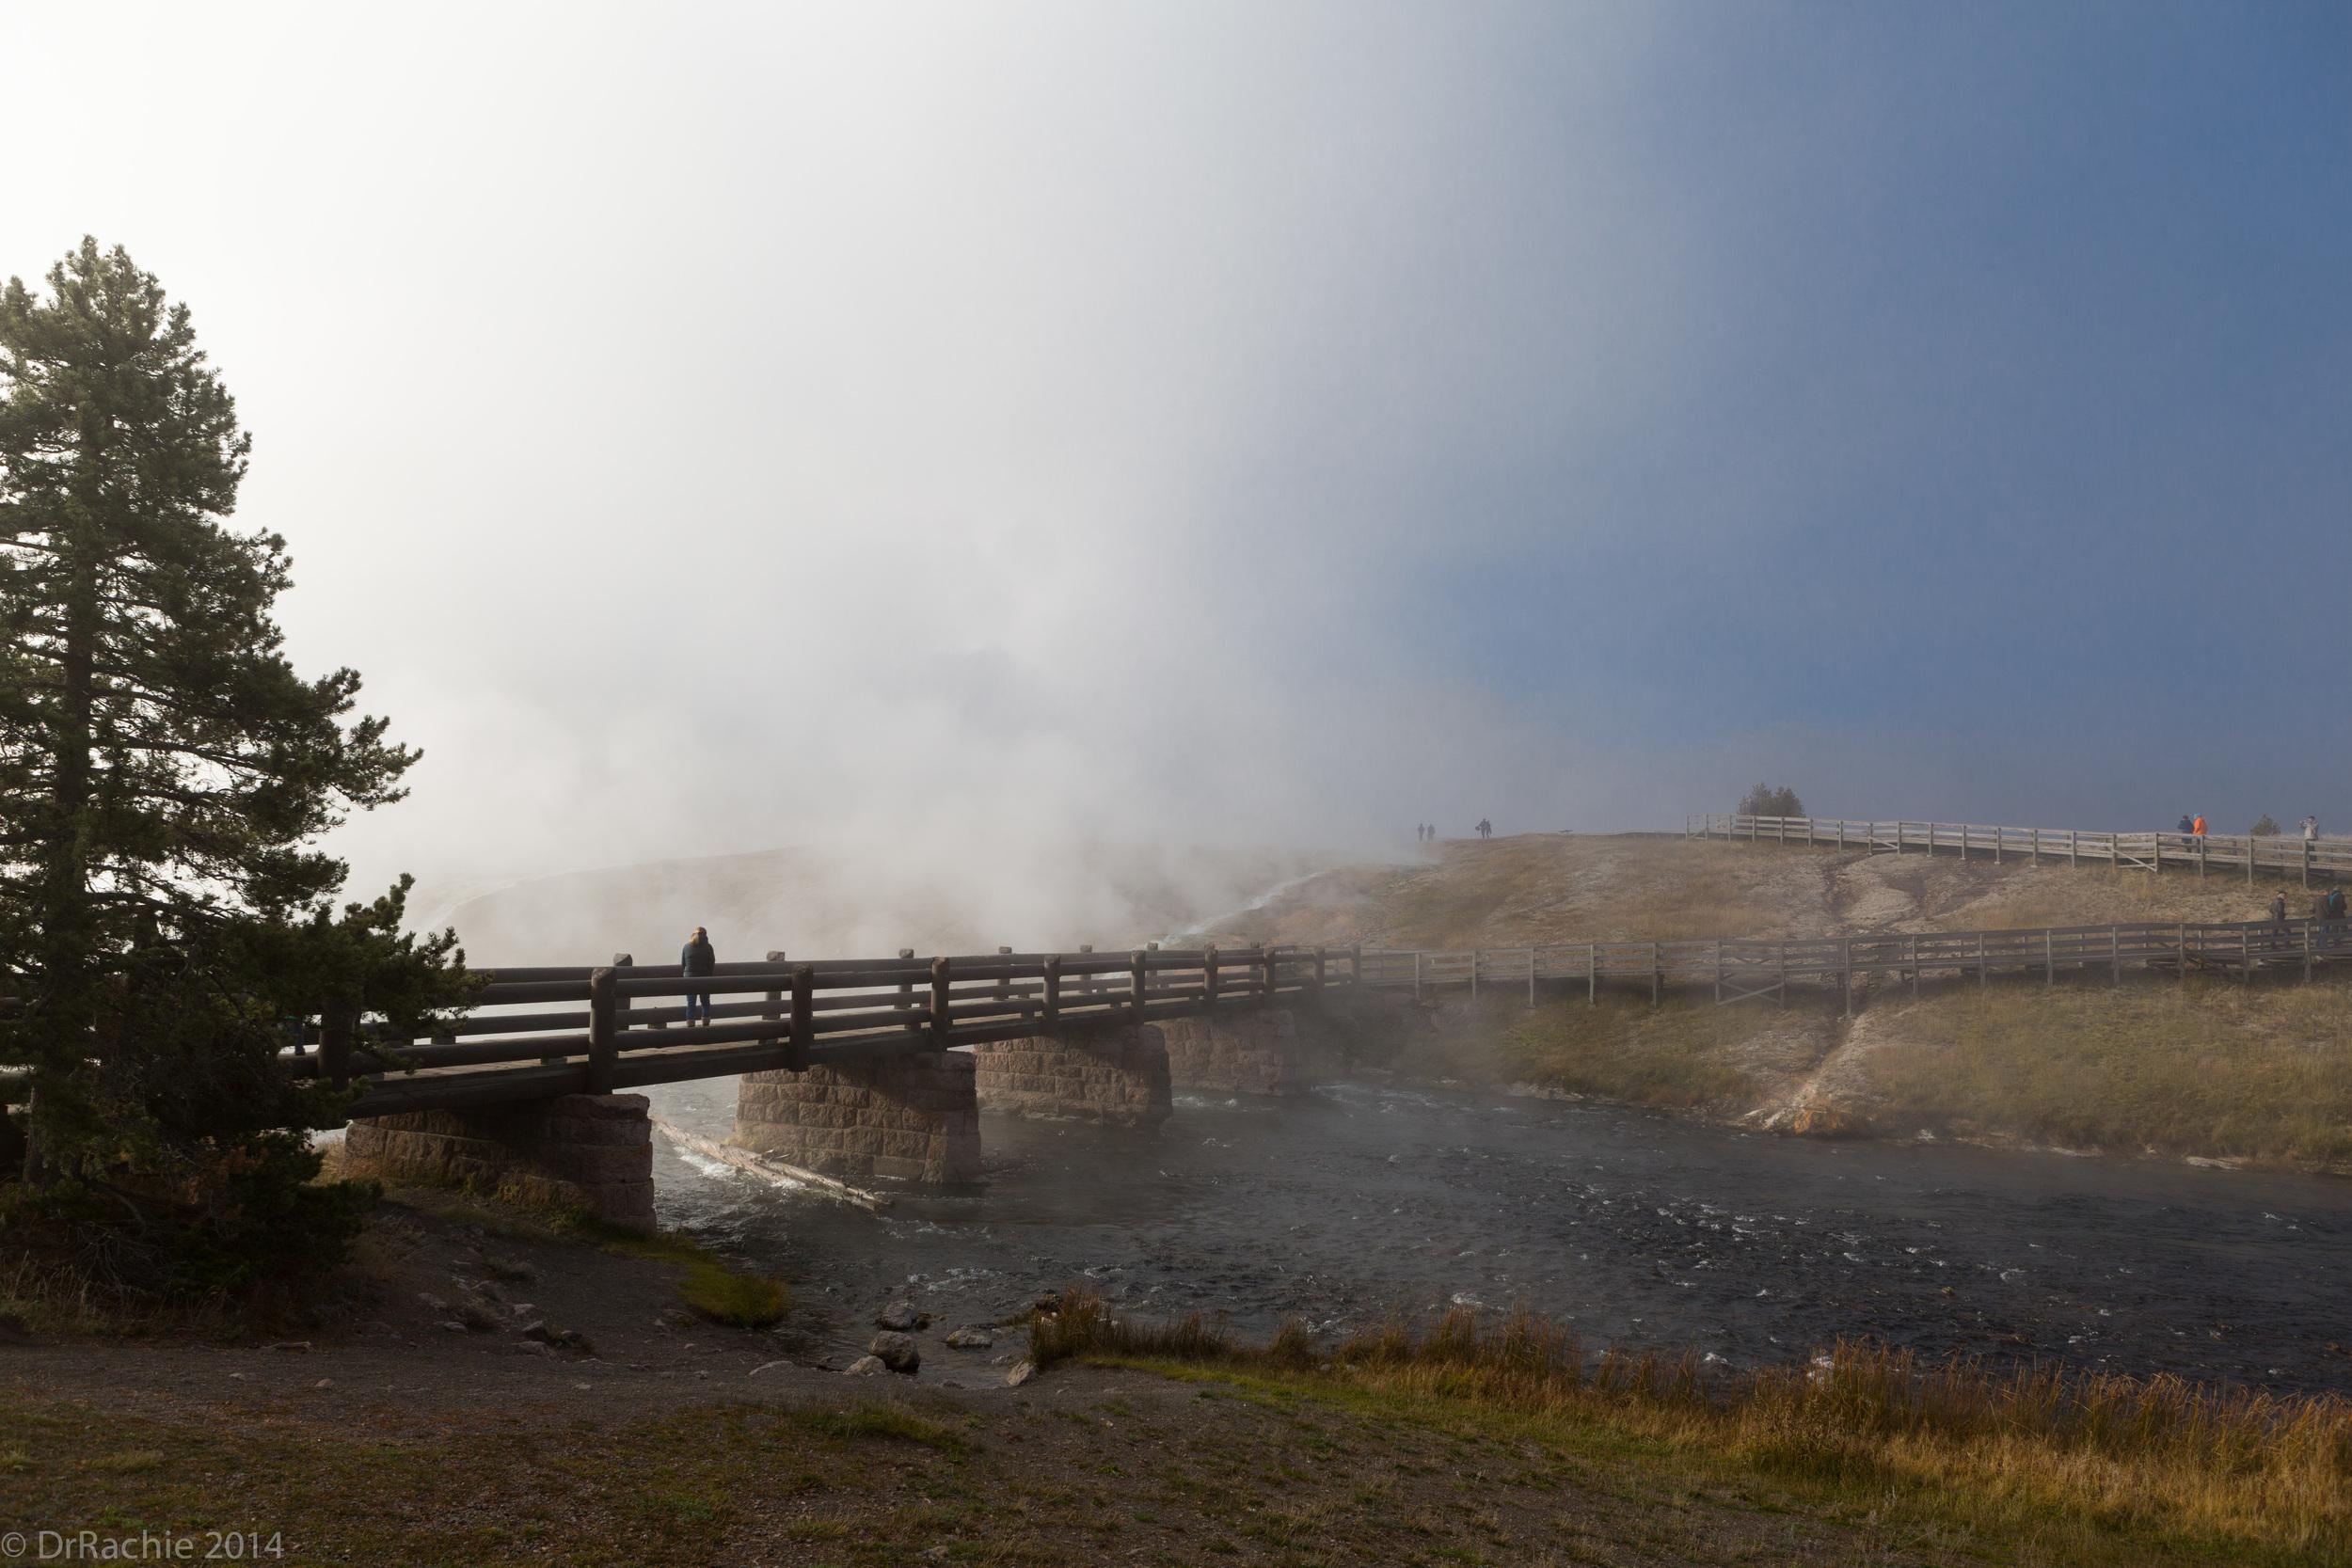 bridge-to-geysers-yellowstone_15394845187_o.jpg